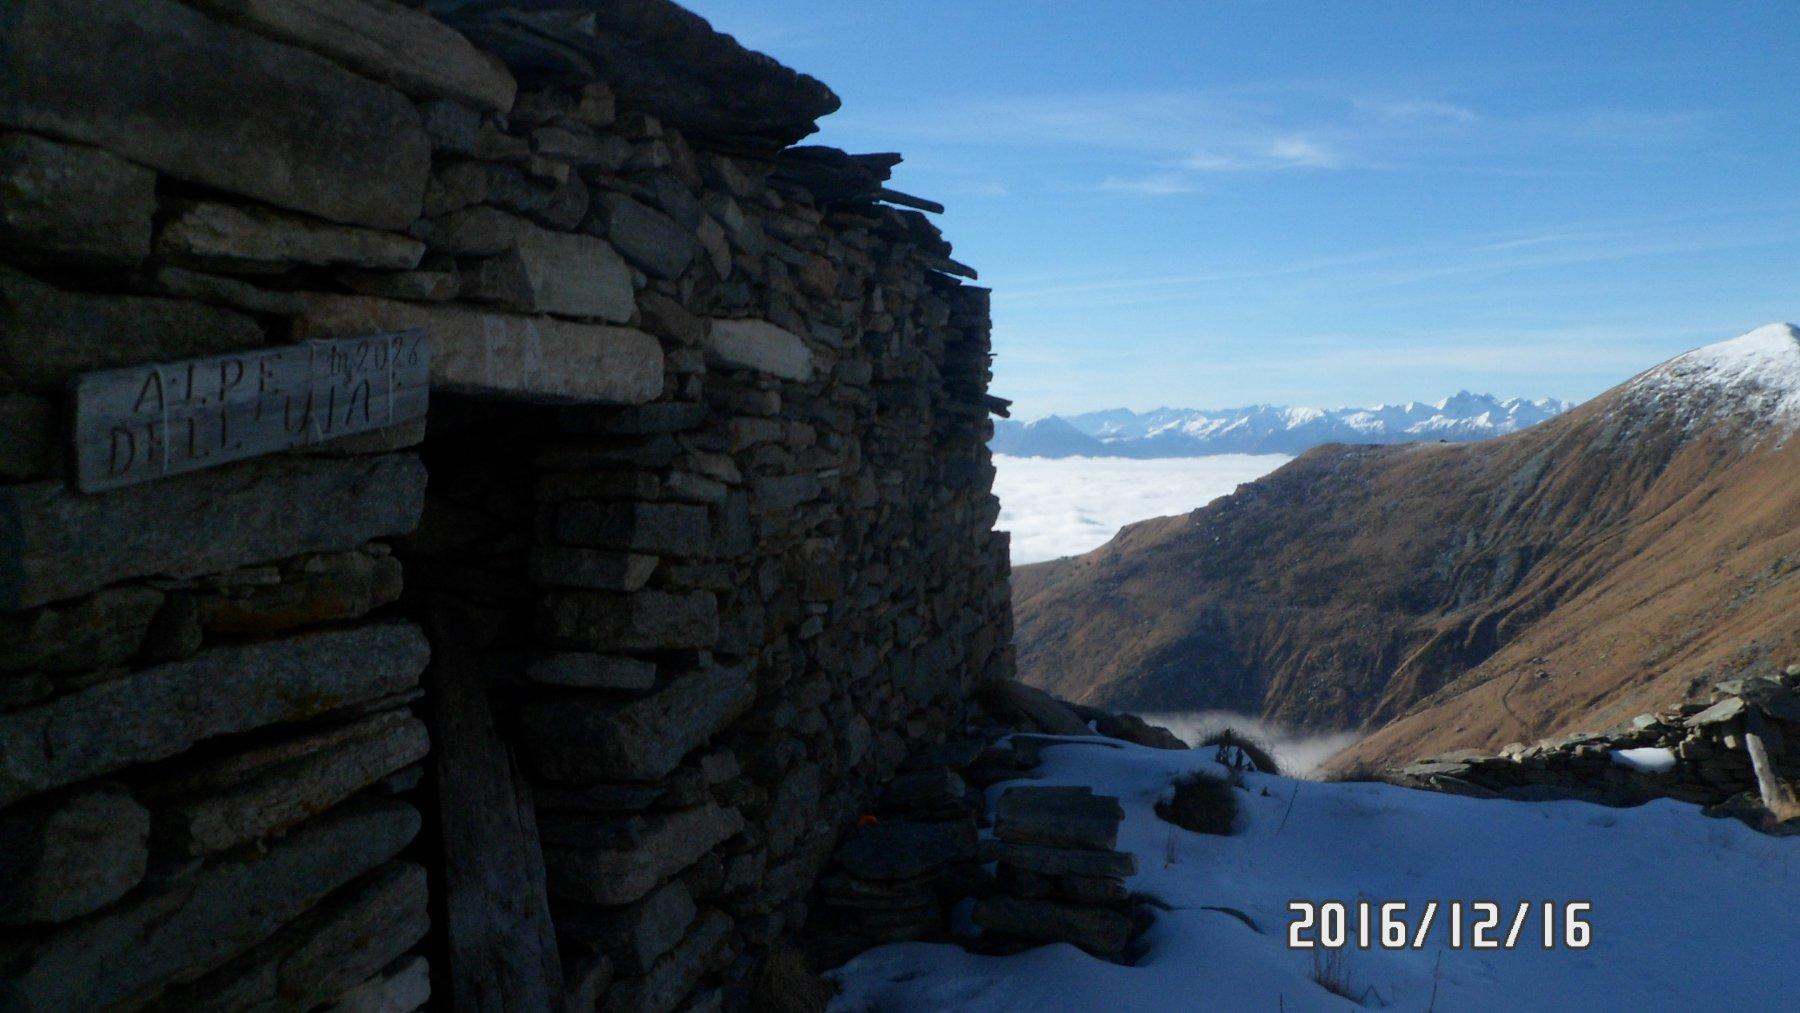 Alpe dell'Uja